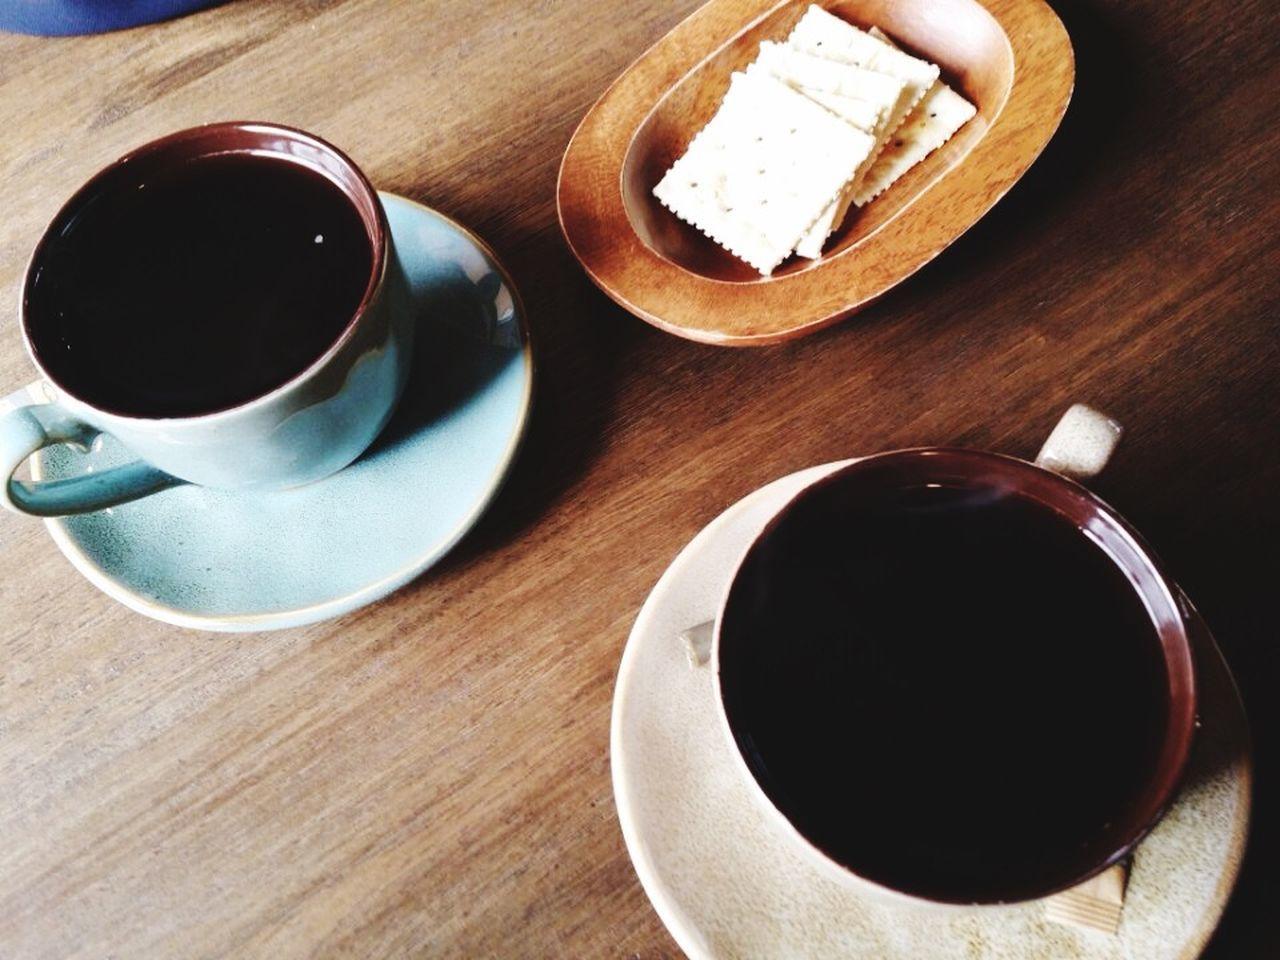 Fleures de cheries et cafés, ma mère me manque trop :' Mom Photo Coffee Time Hanging Out Taking Photos Enjoying Life